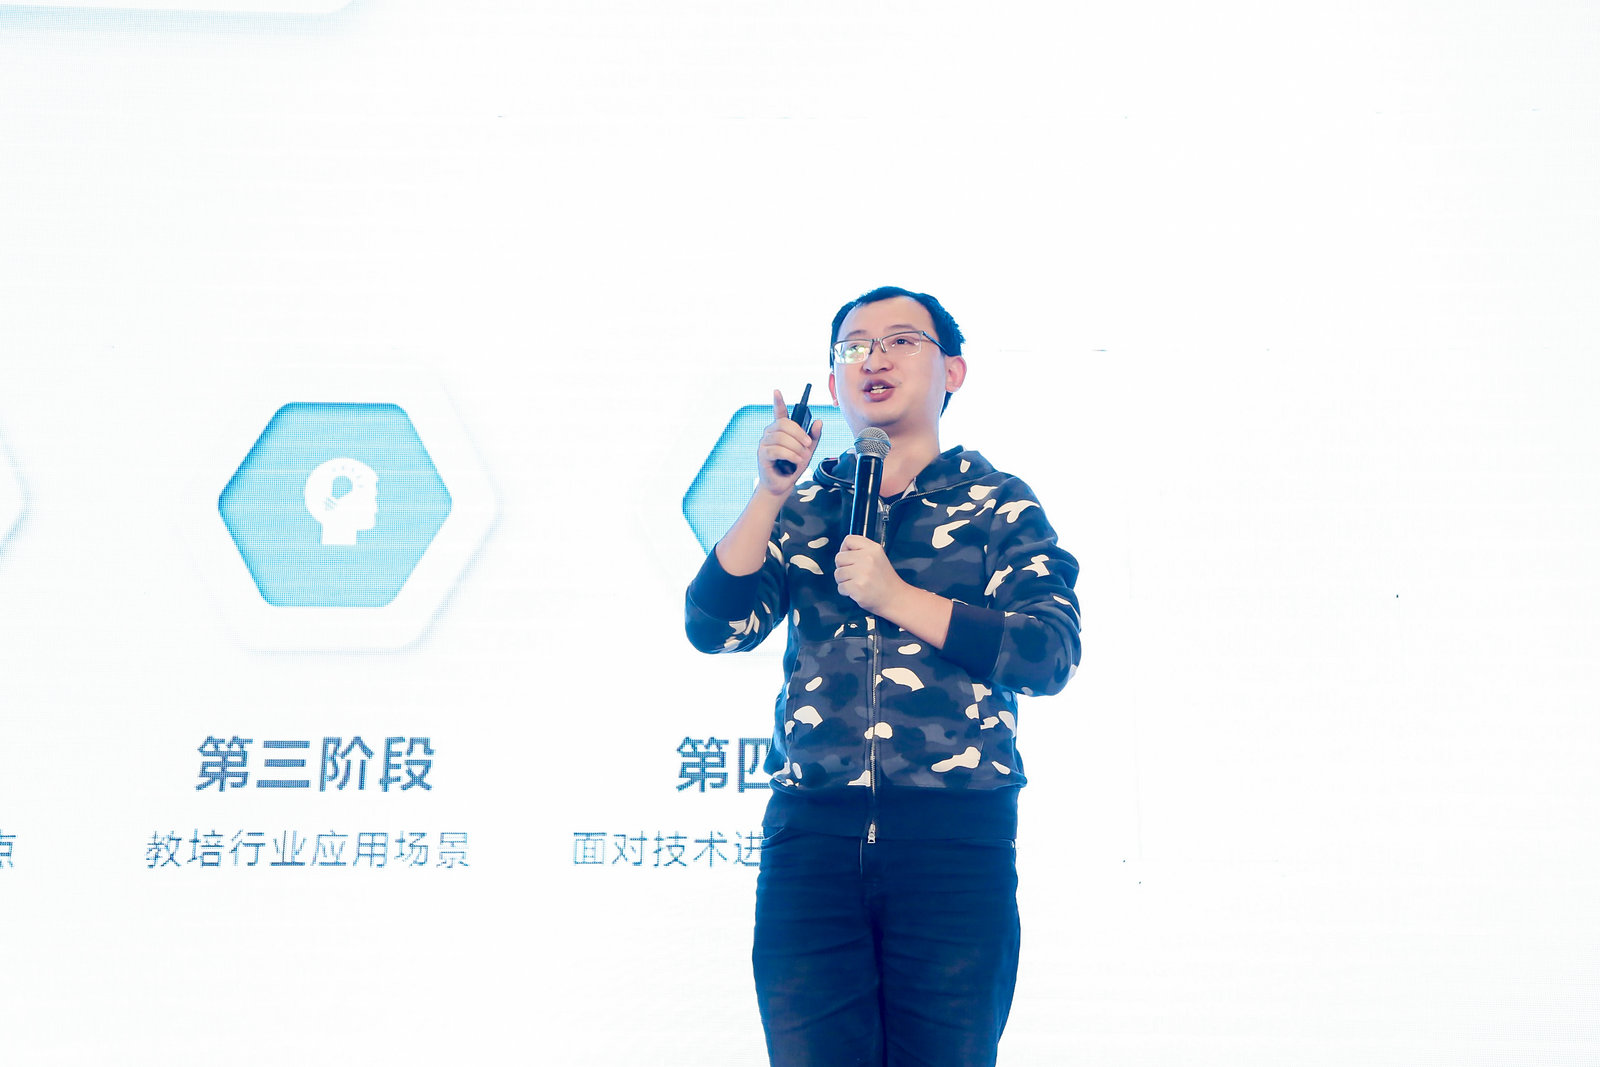 【GET2019】东方优播朱宇:技术如何帮助教培行业?